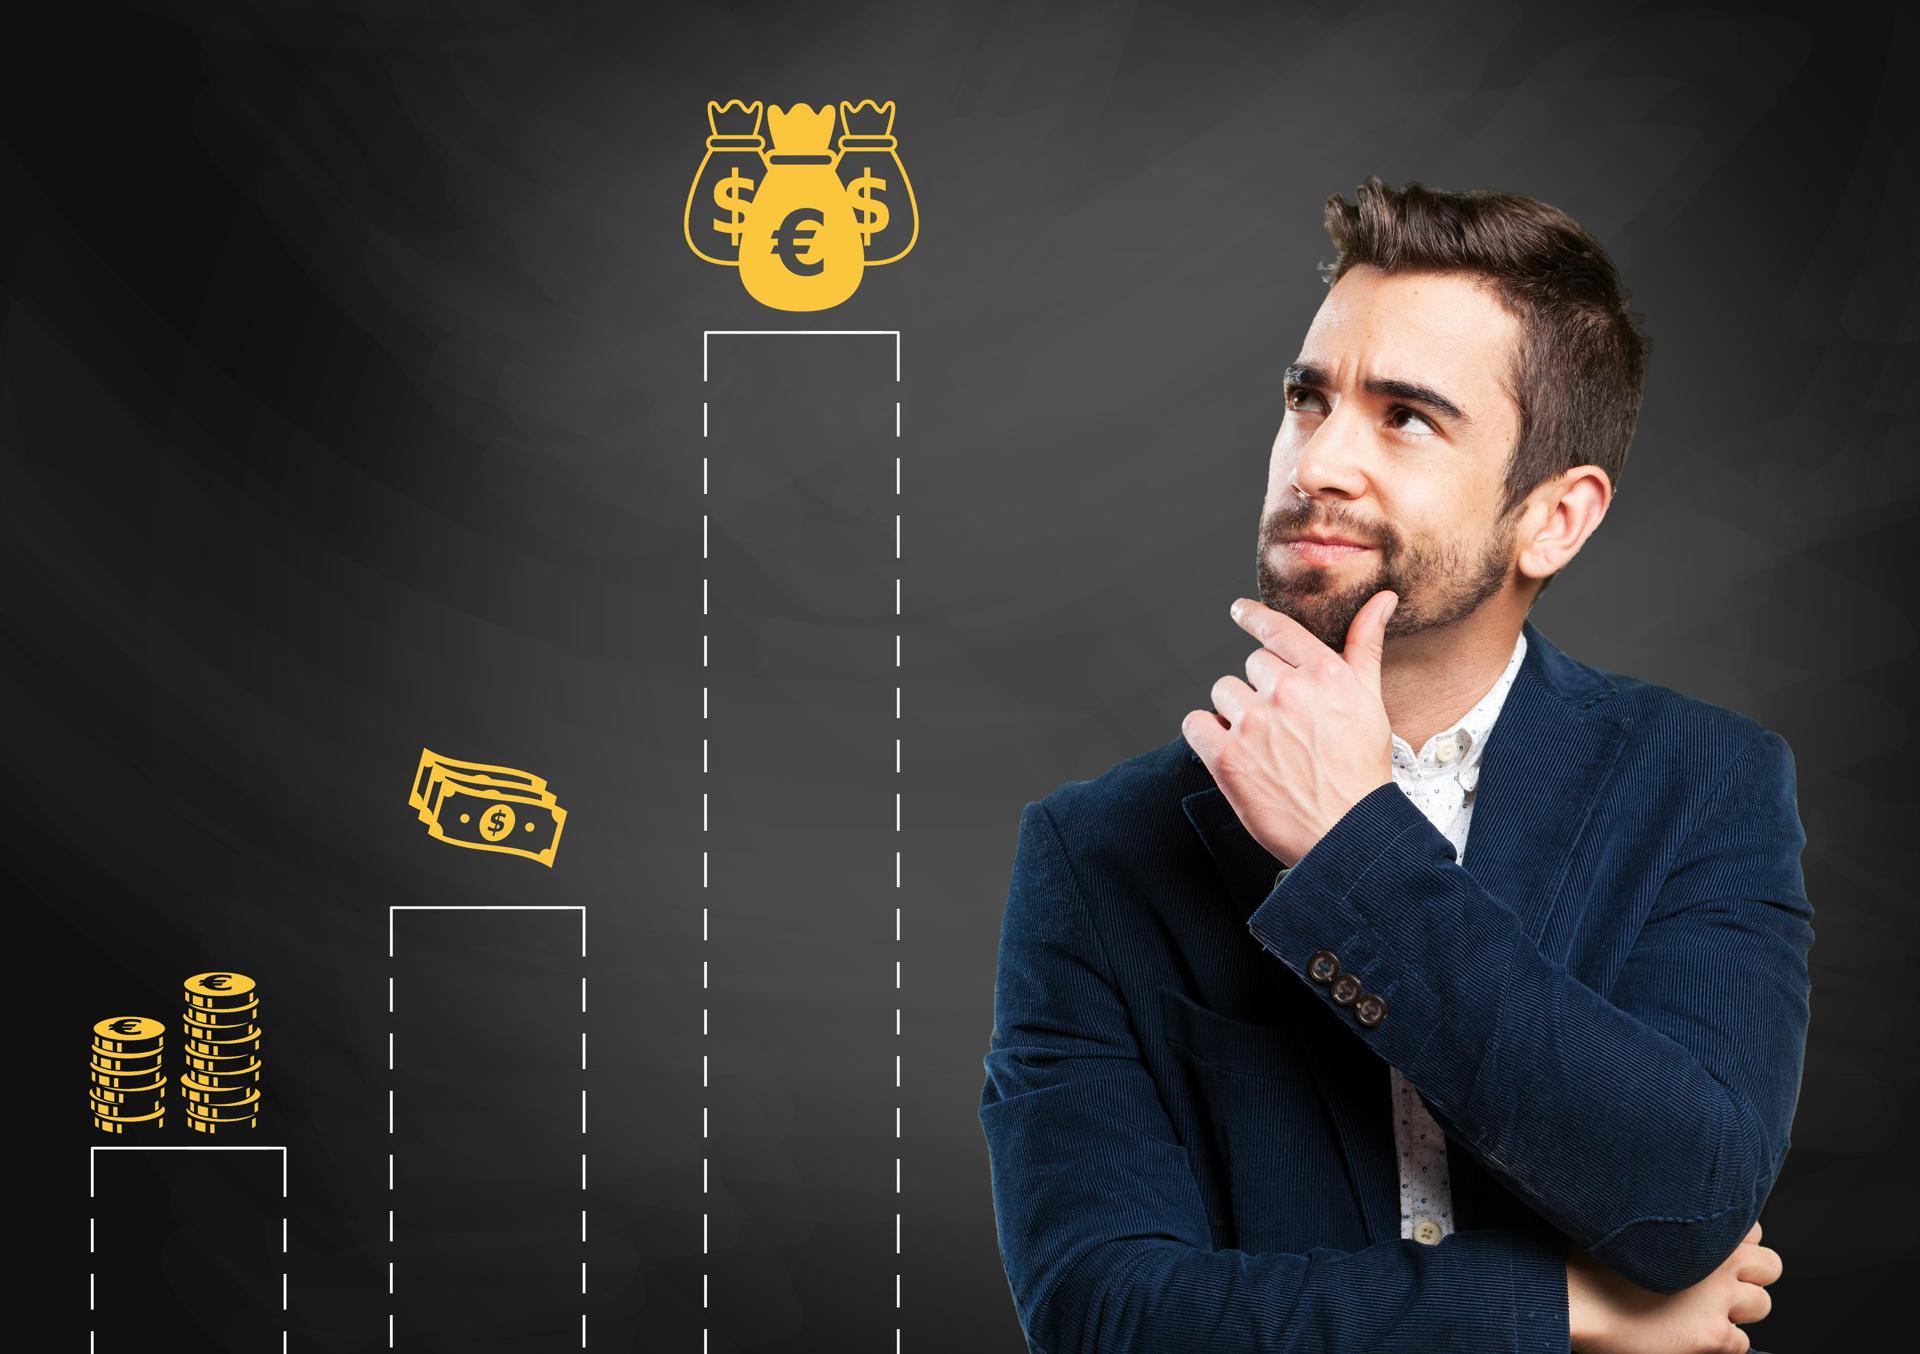 实习生有工资吗?基本待遇是什么?